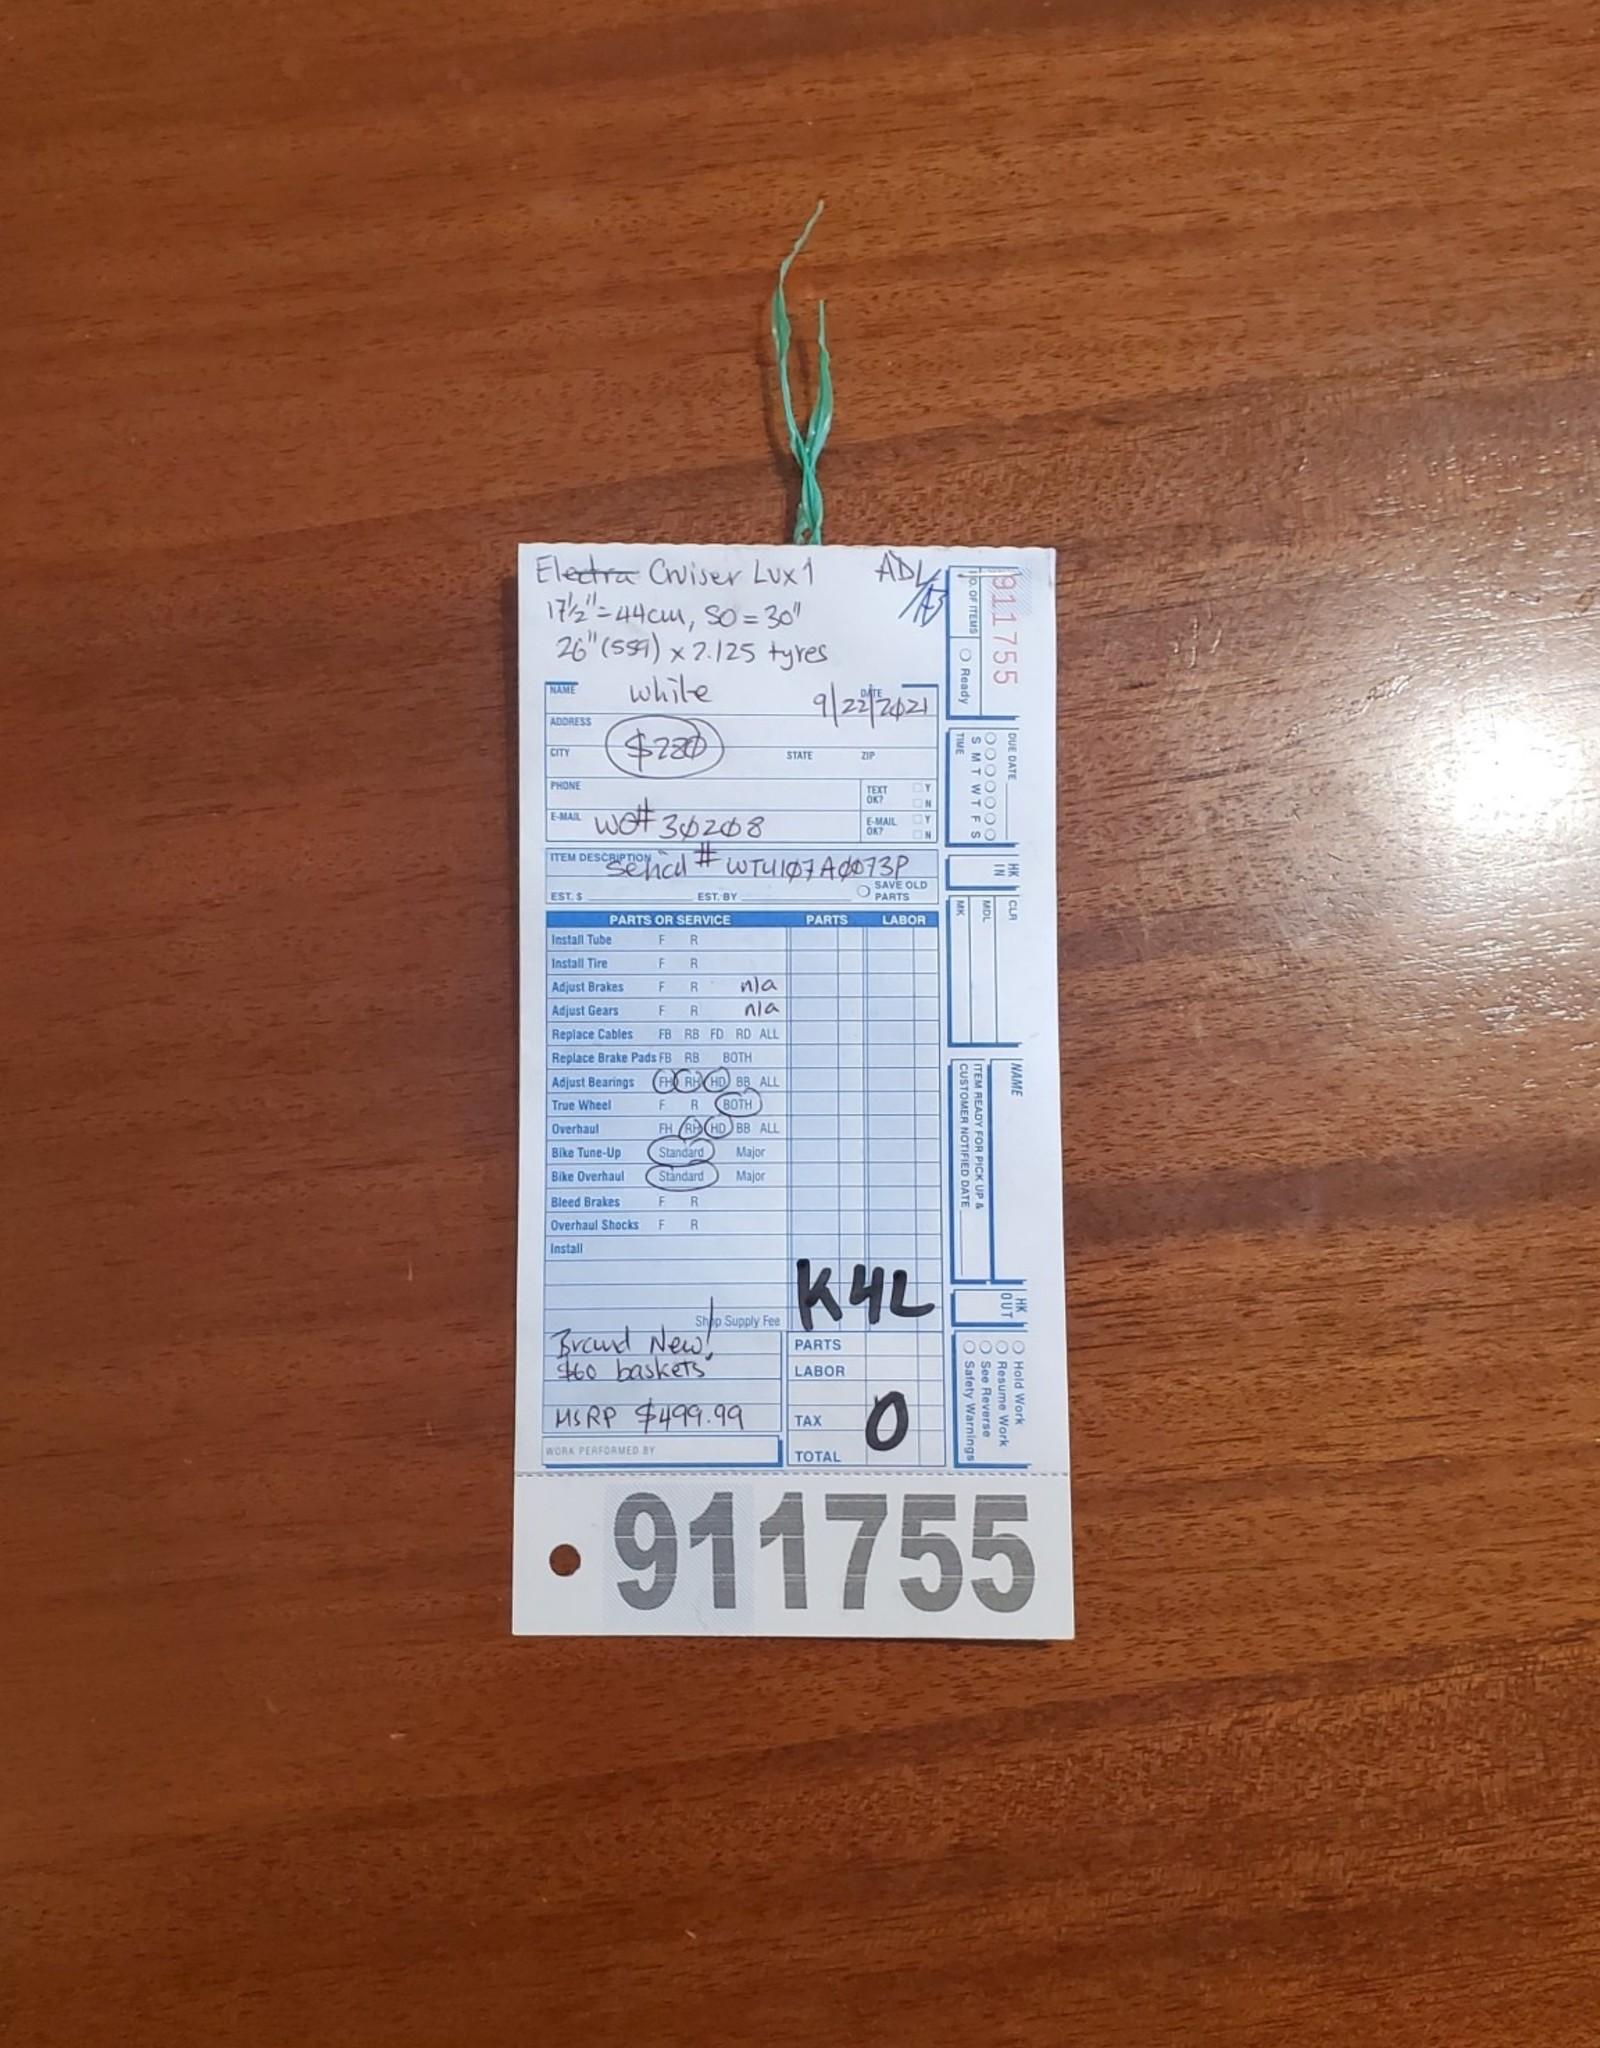 """17.5"""" Electra Cruiser Lux 1 (073P K4U)"""